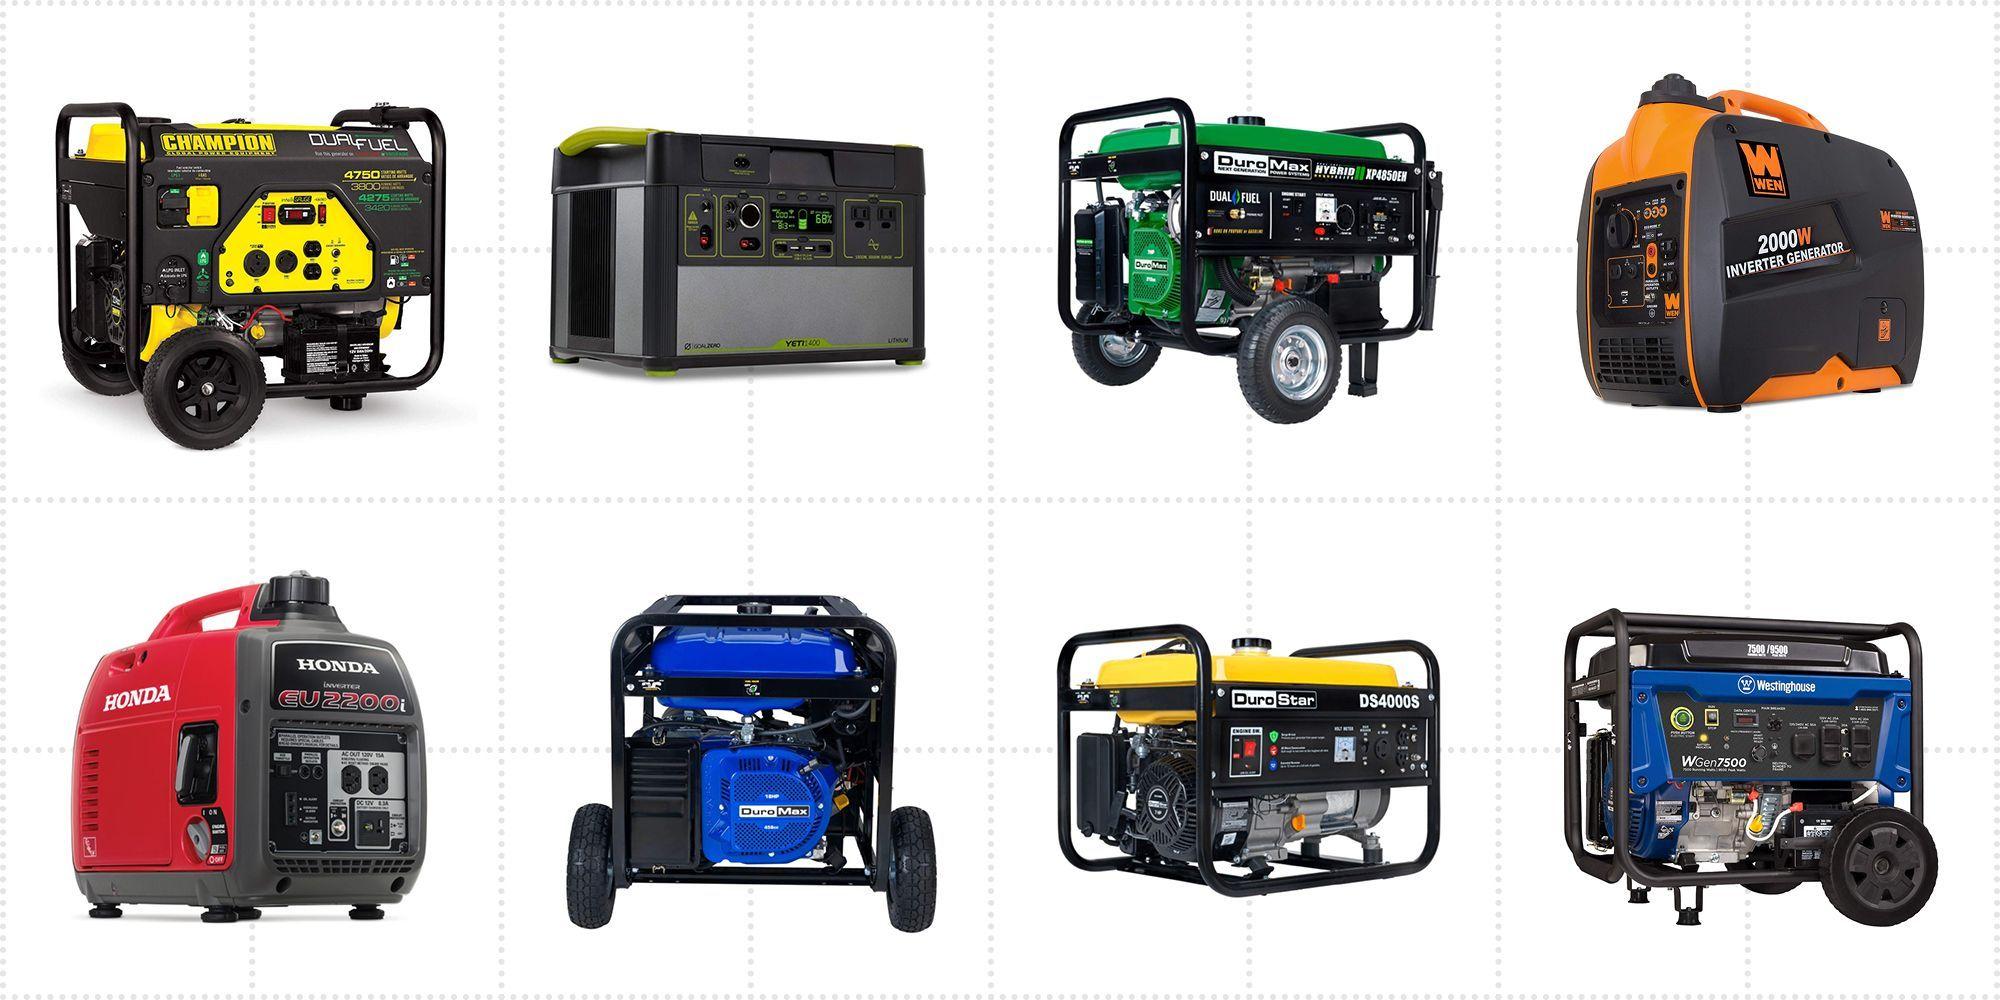 Best Portable Generators 2020 | Home Generator Reviews